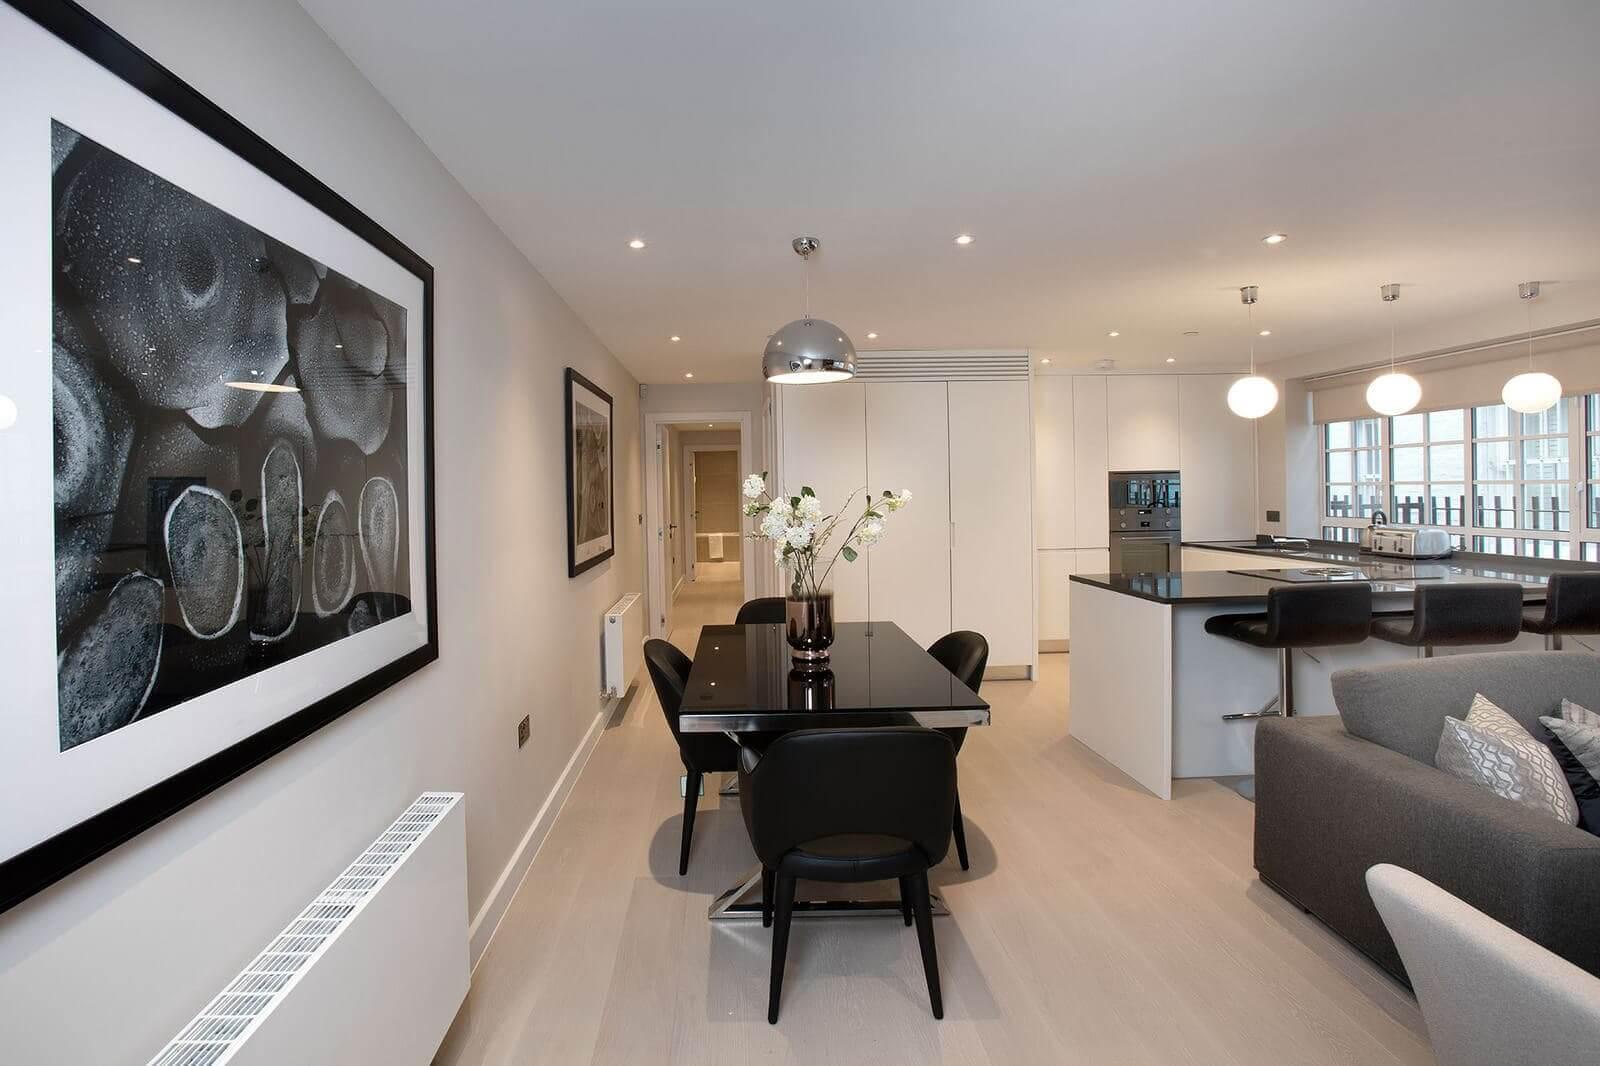 дизайн интерьера в элитной квартире